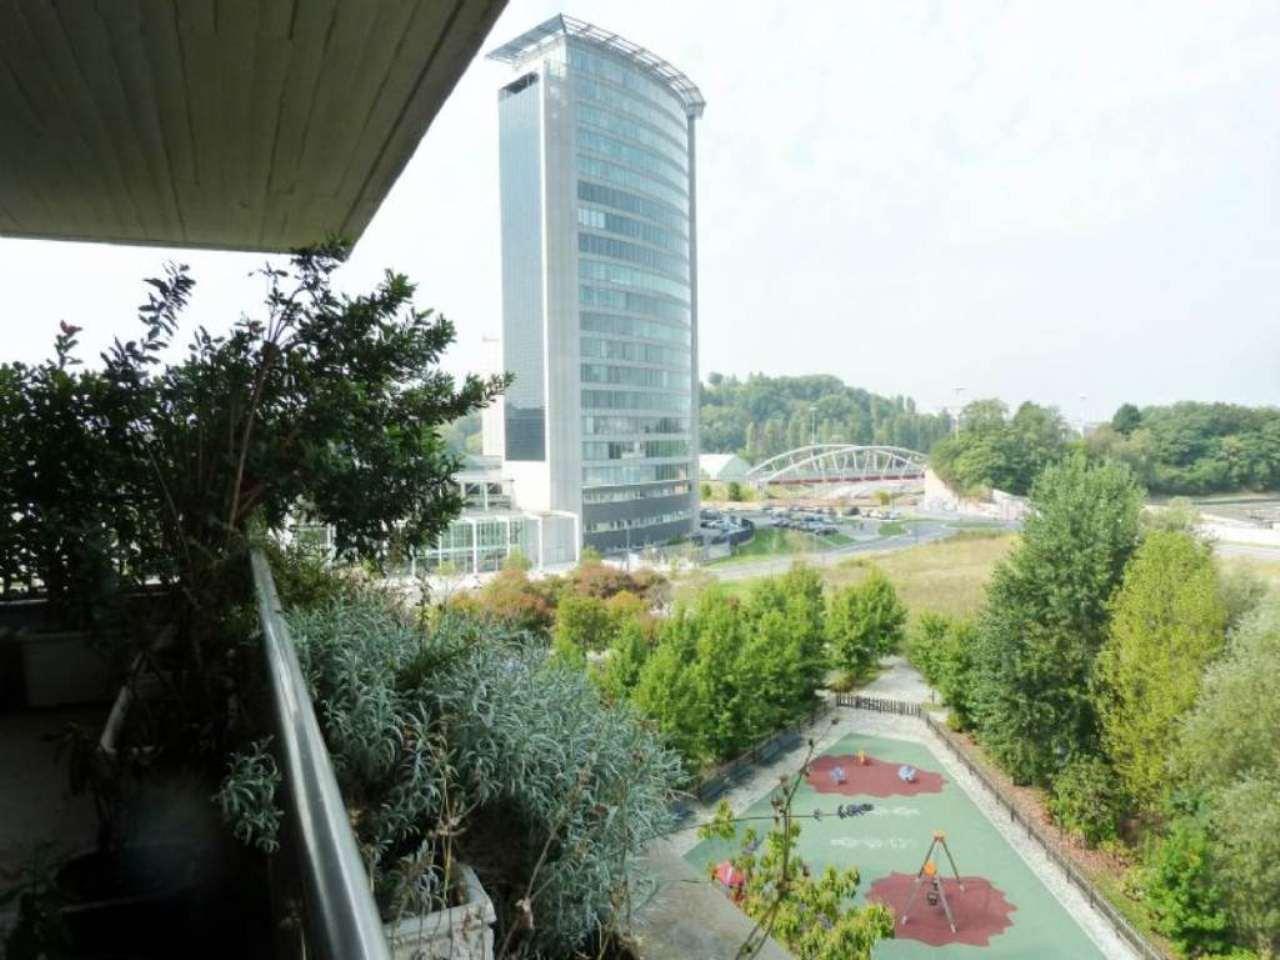 Appartamento in vendita a Milano, 4 locali, zona Zona: 17 . Quarto Oggiaro, Villapizzone, Certosa, Vialba, prezzo € 660.000 | CambioCasa.it